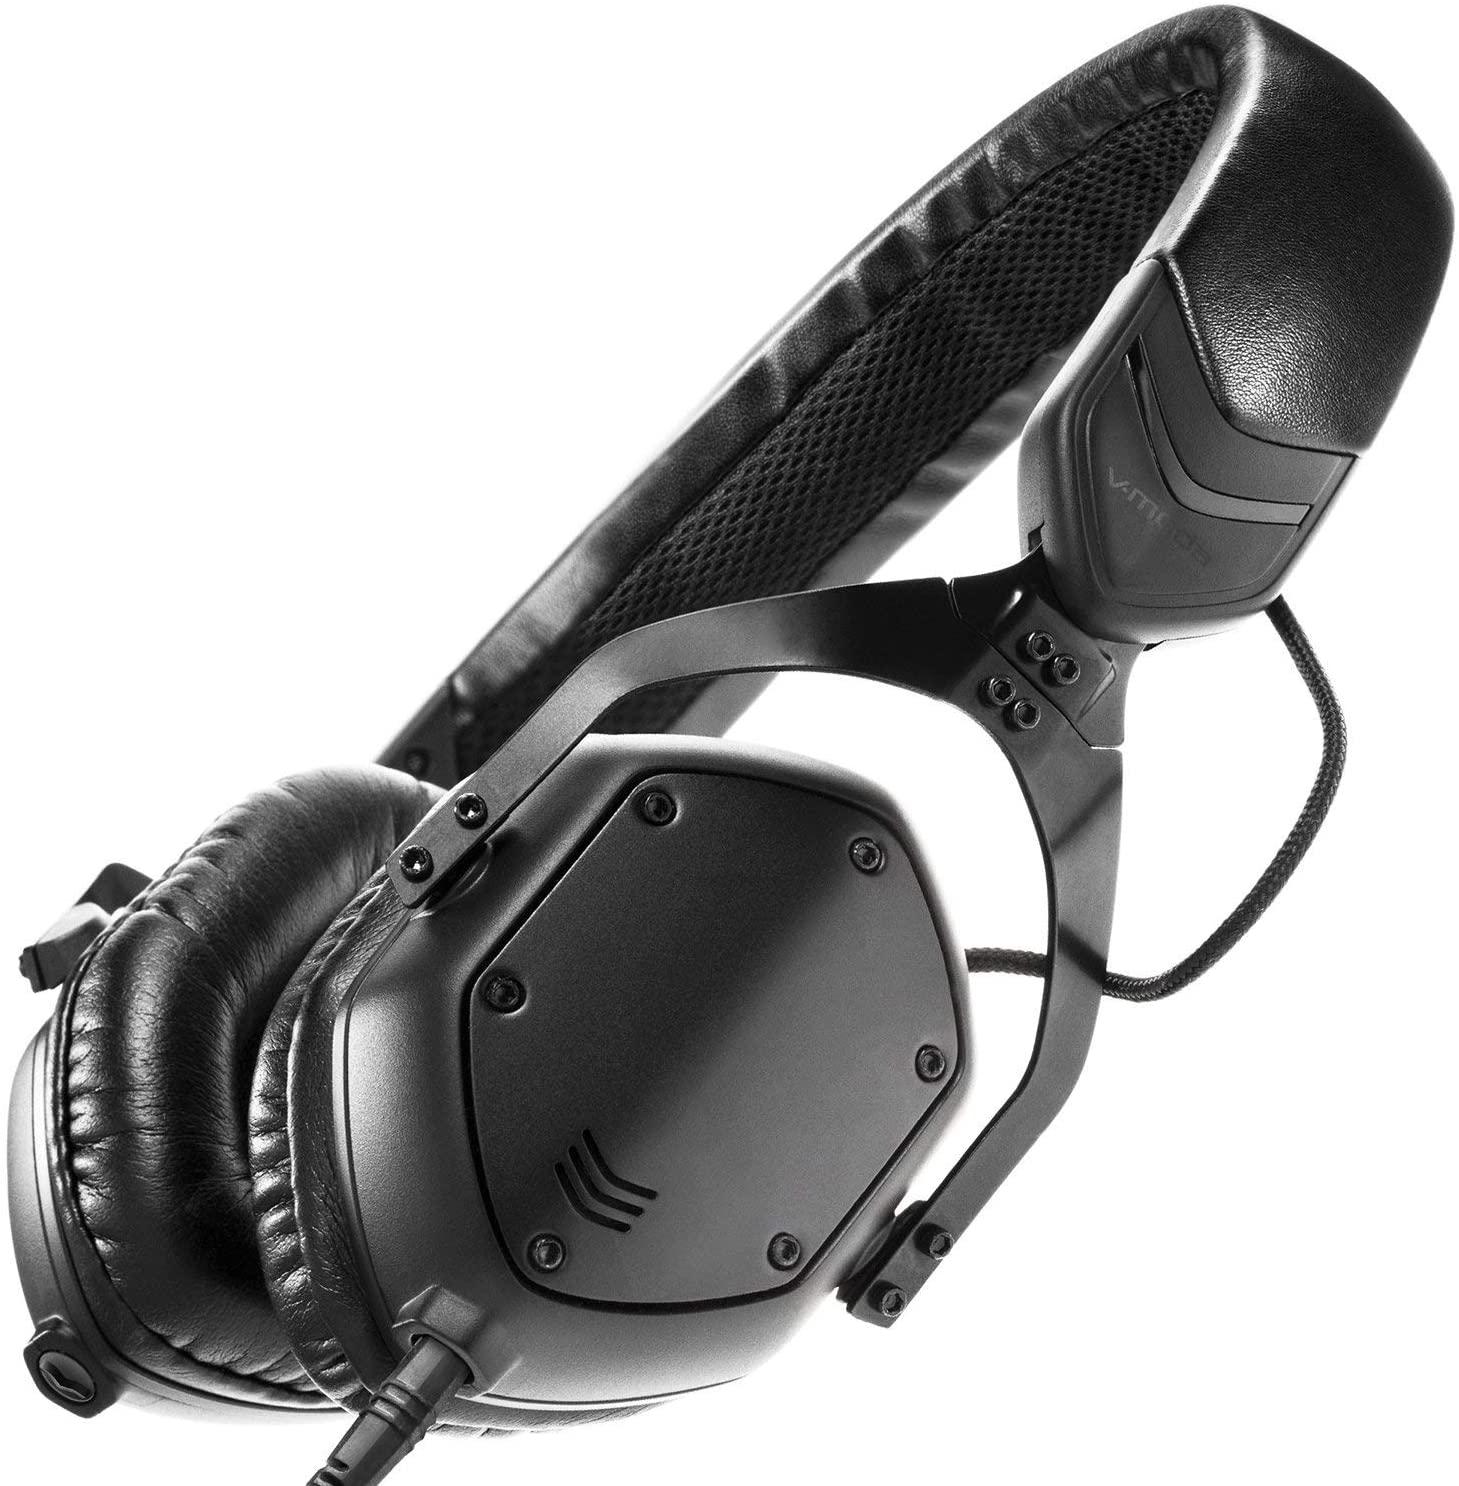 Auriculares de diadema V-MODA XS